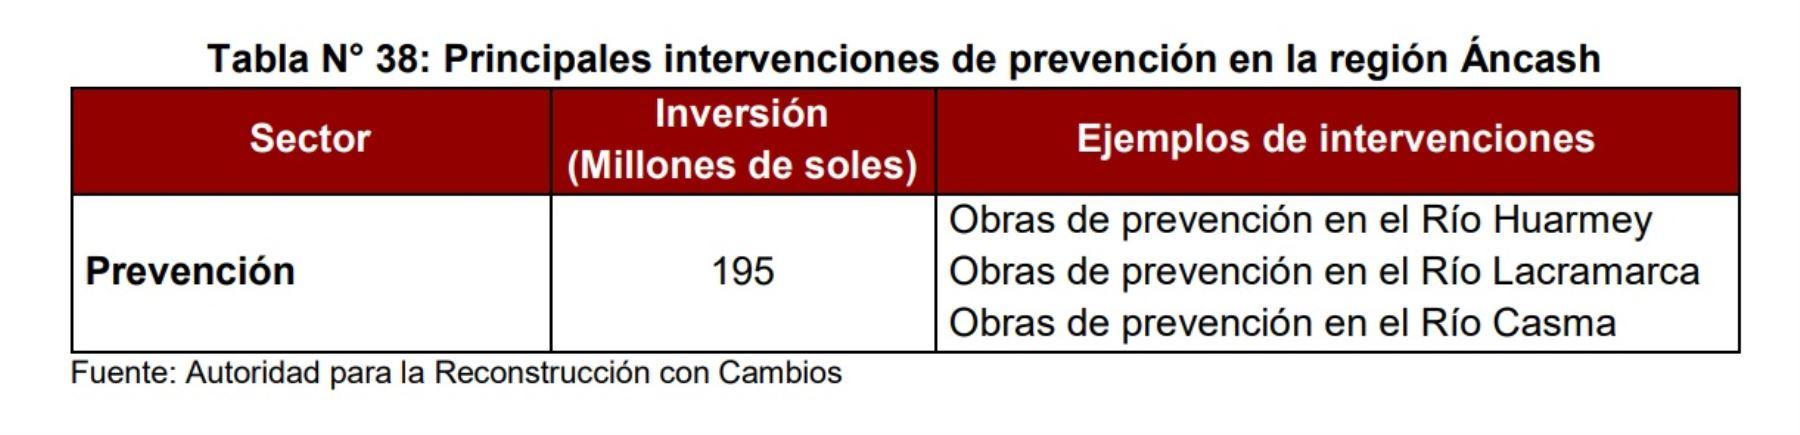 Principales intervenciones de prevención en la región Áncash.